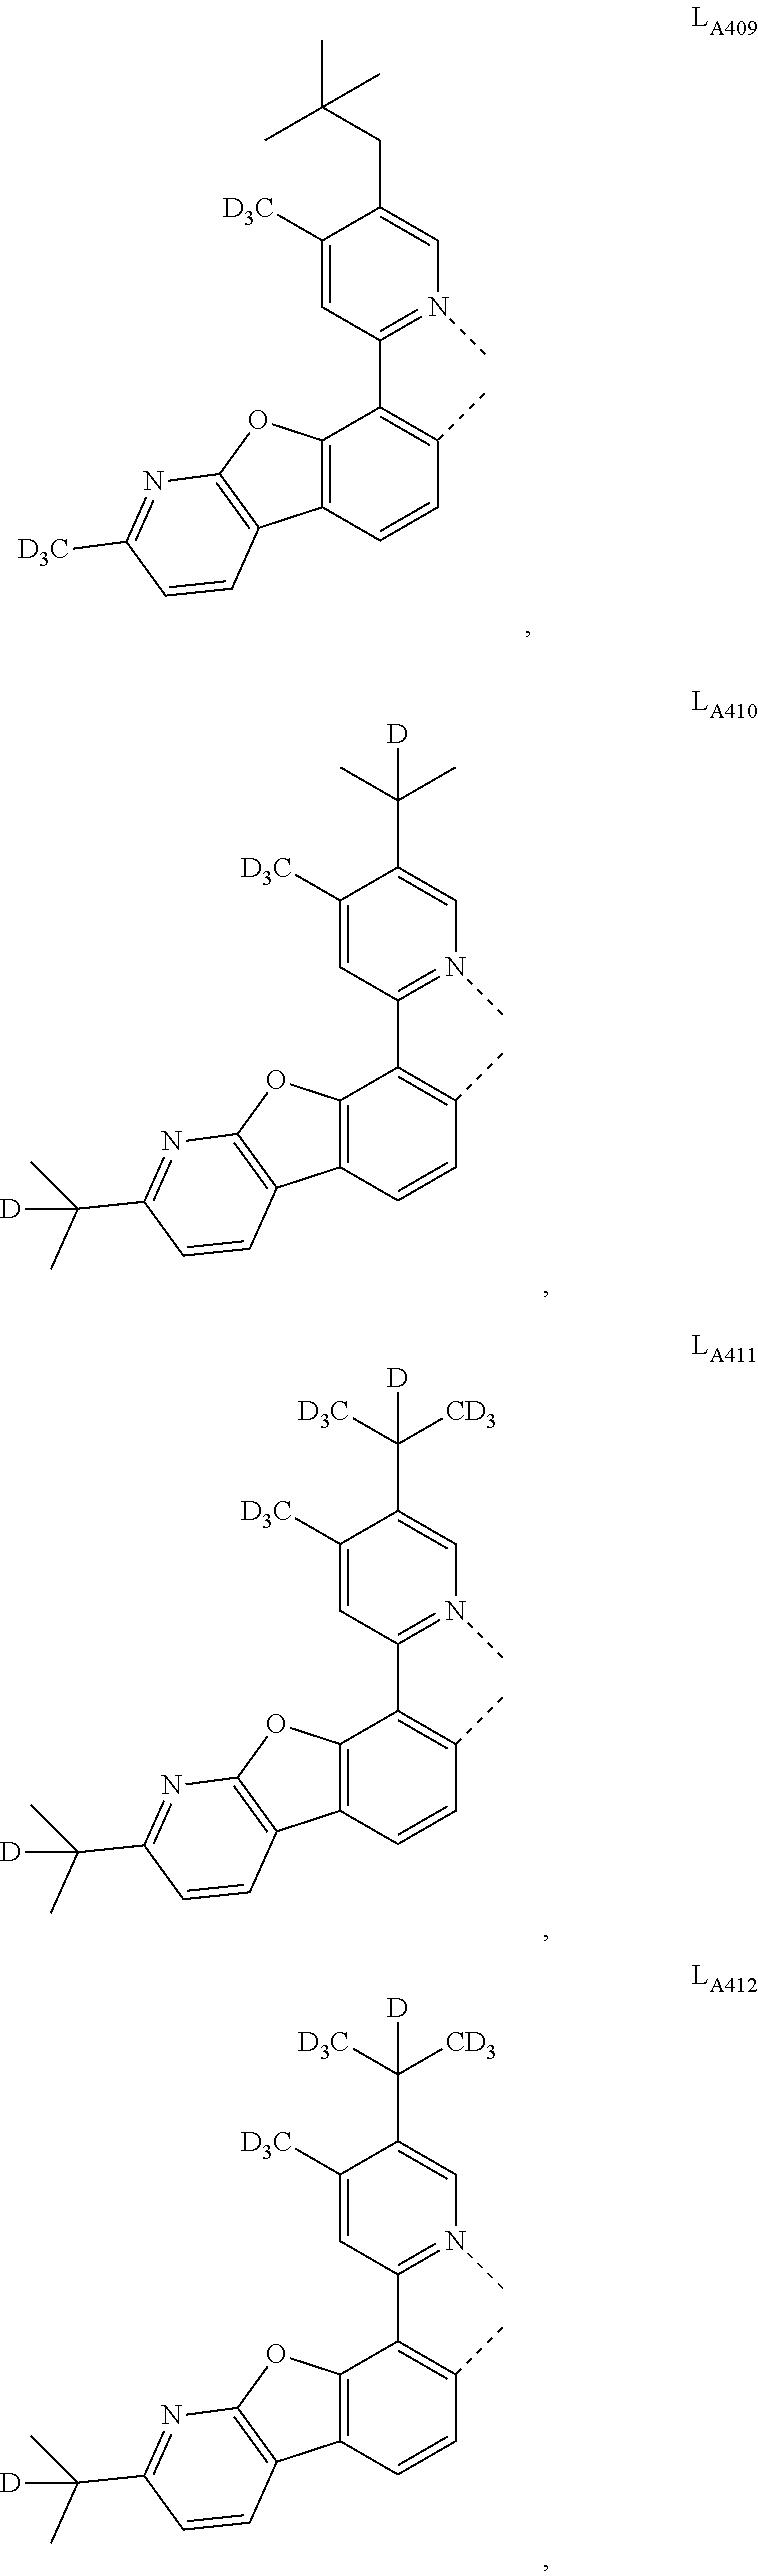 Figure US20160049599A1-20160218-C00489